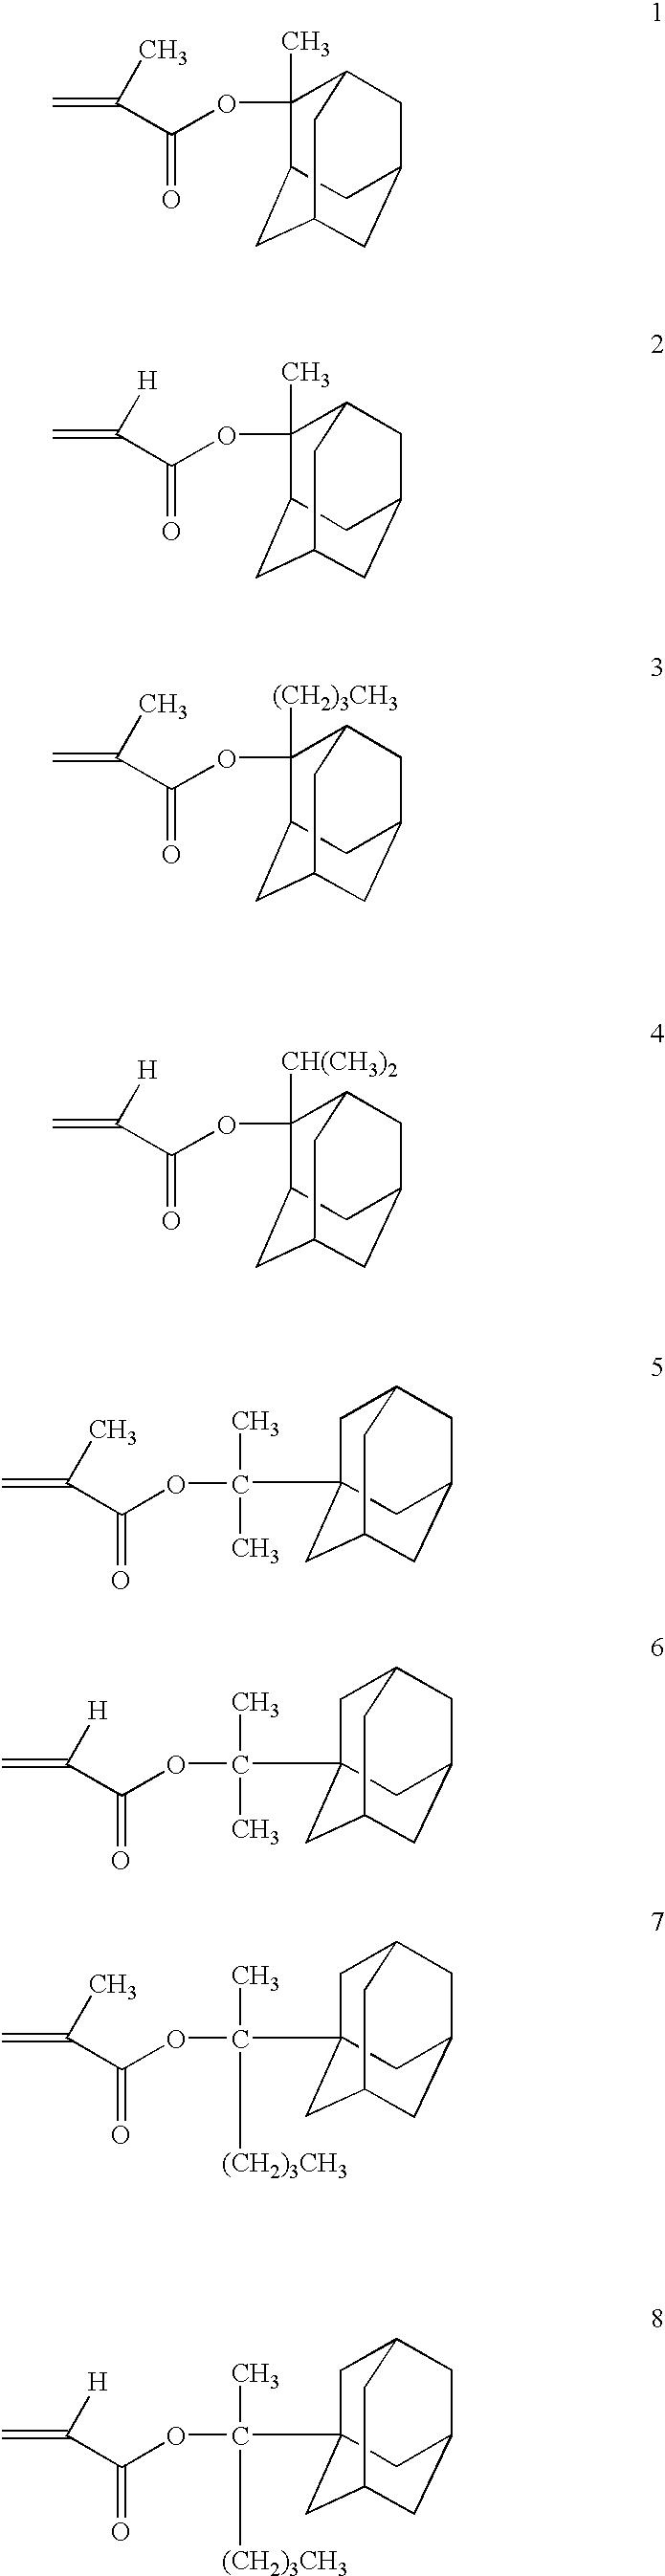 Figure US20030186161A1-20031002-C00047